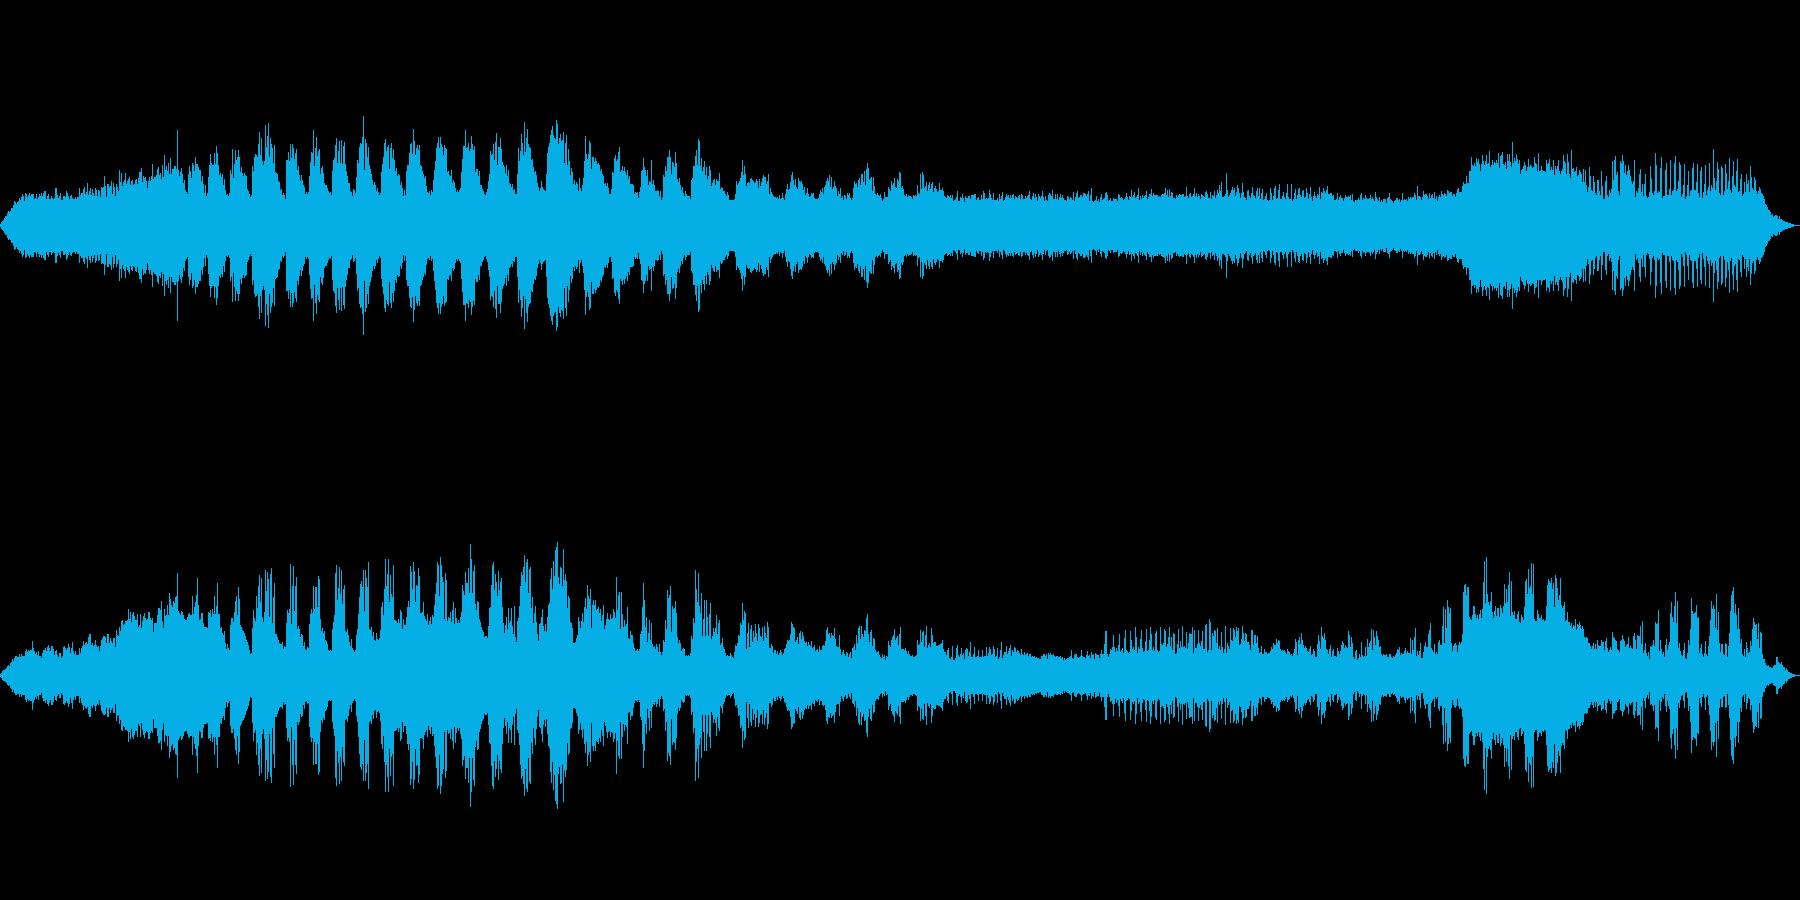 【自然音】蝉の鳴き声01(丹沢湖)の再生済みの波形